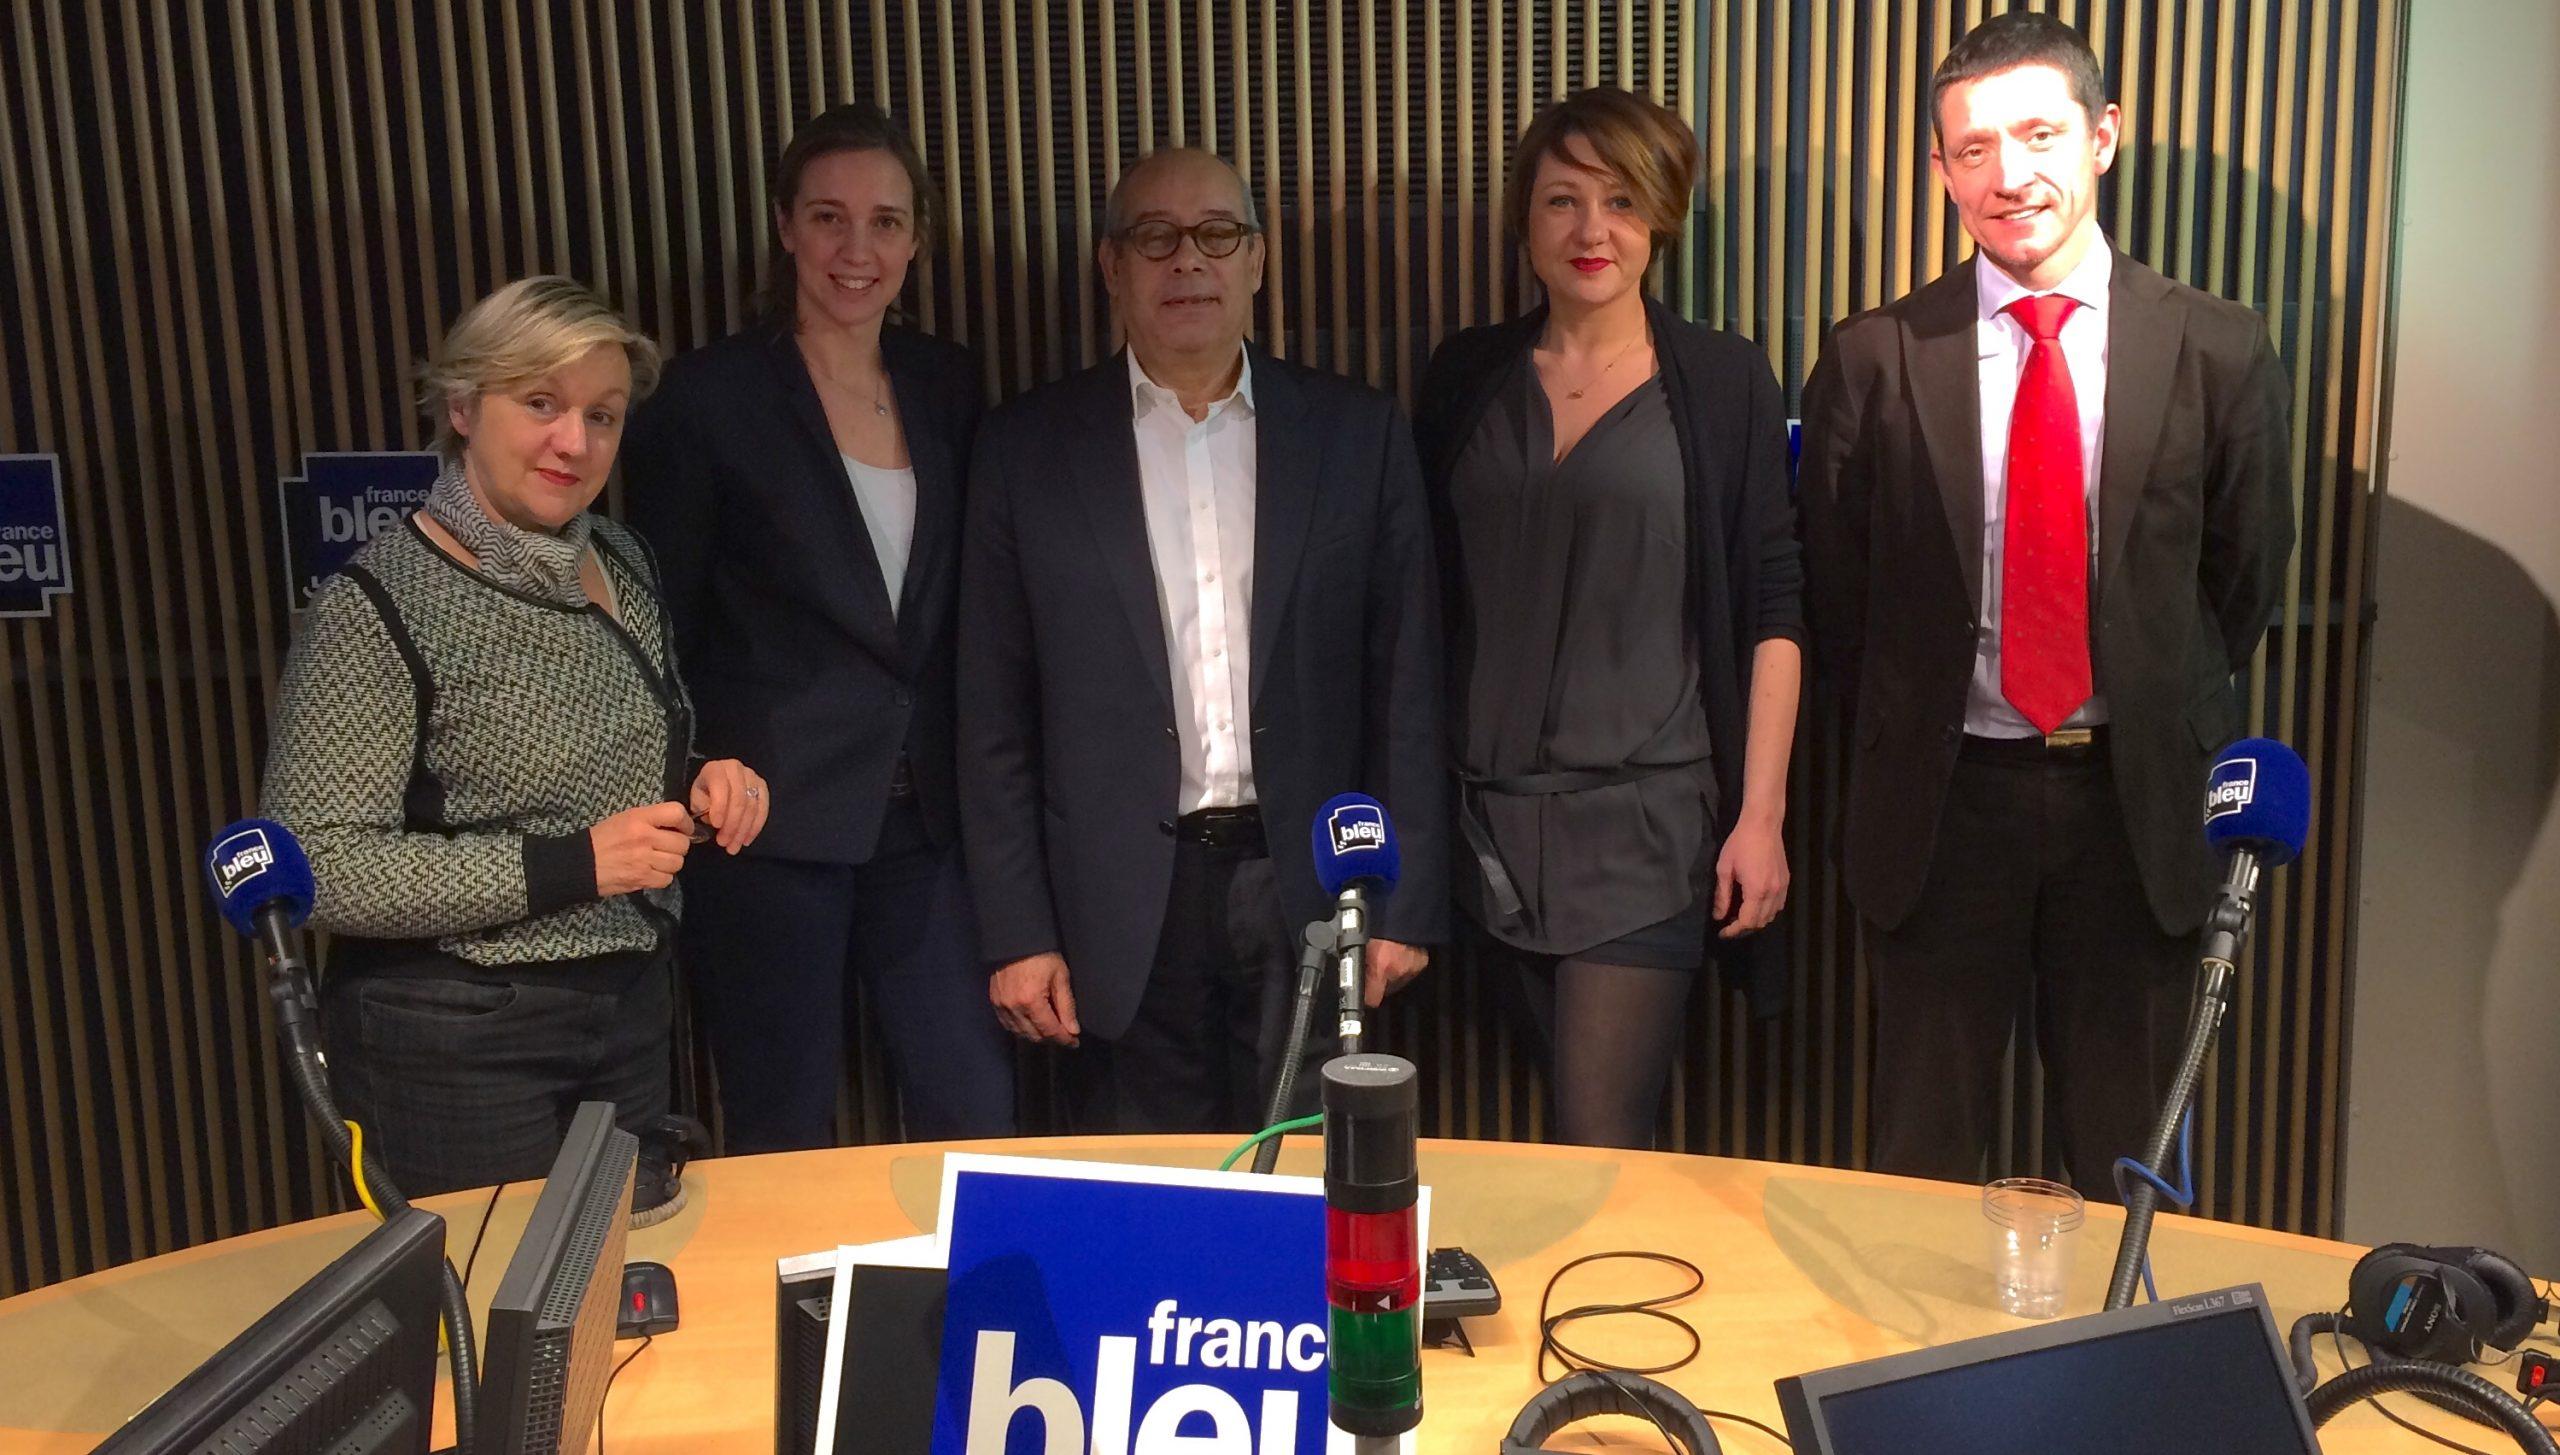 Toute l'Europe sur France Bleu 107.1 - L'agriculture en Europe - 28 février 2016